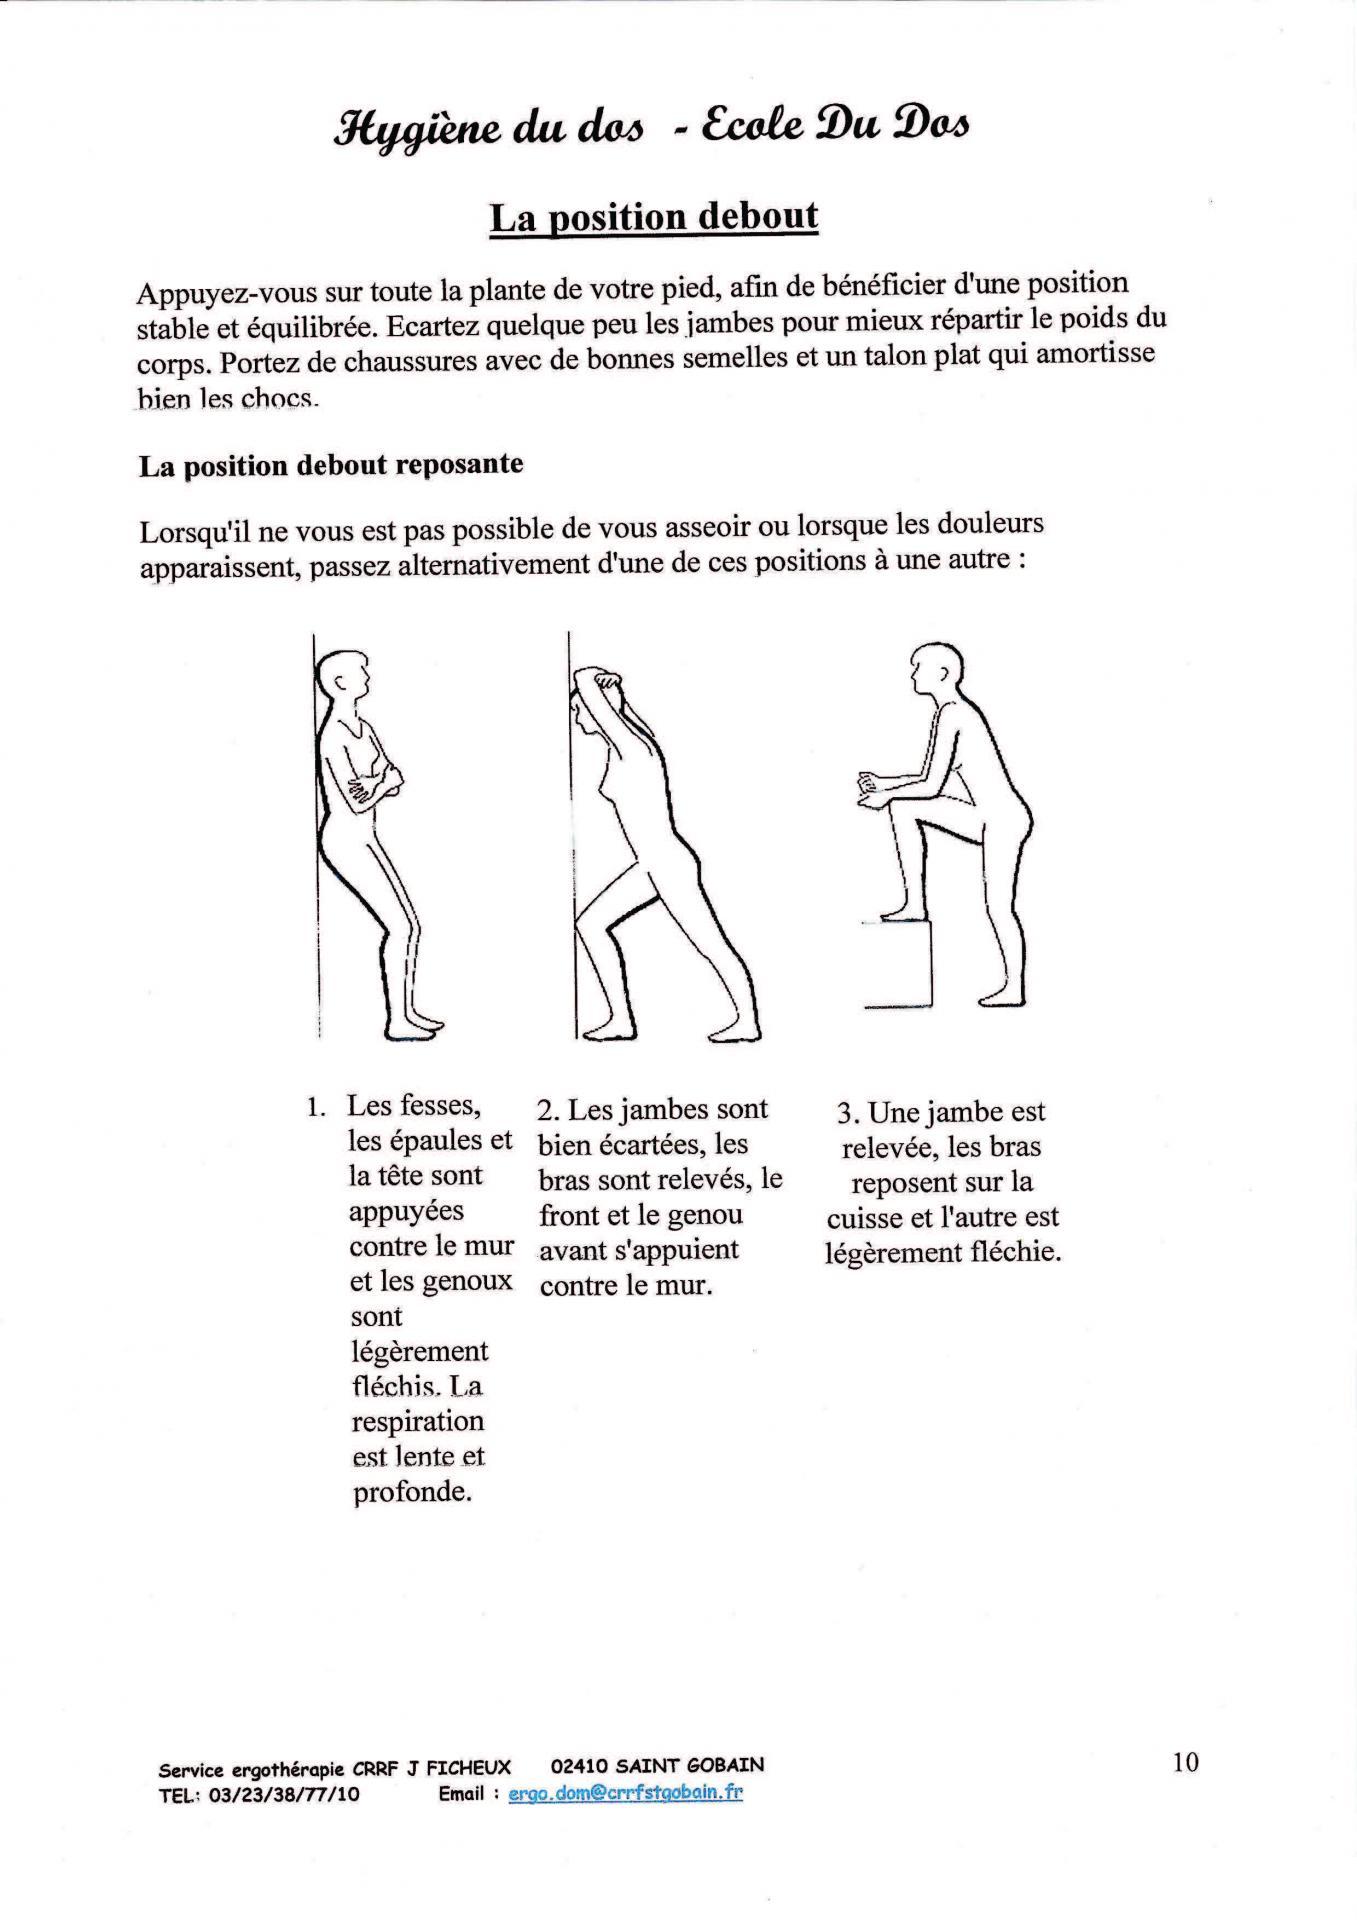 Ecole du dos pdfbis page 10